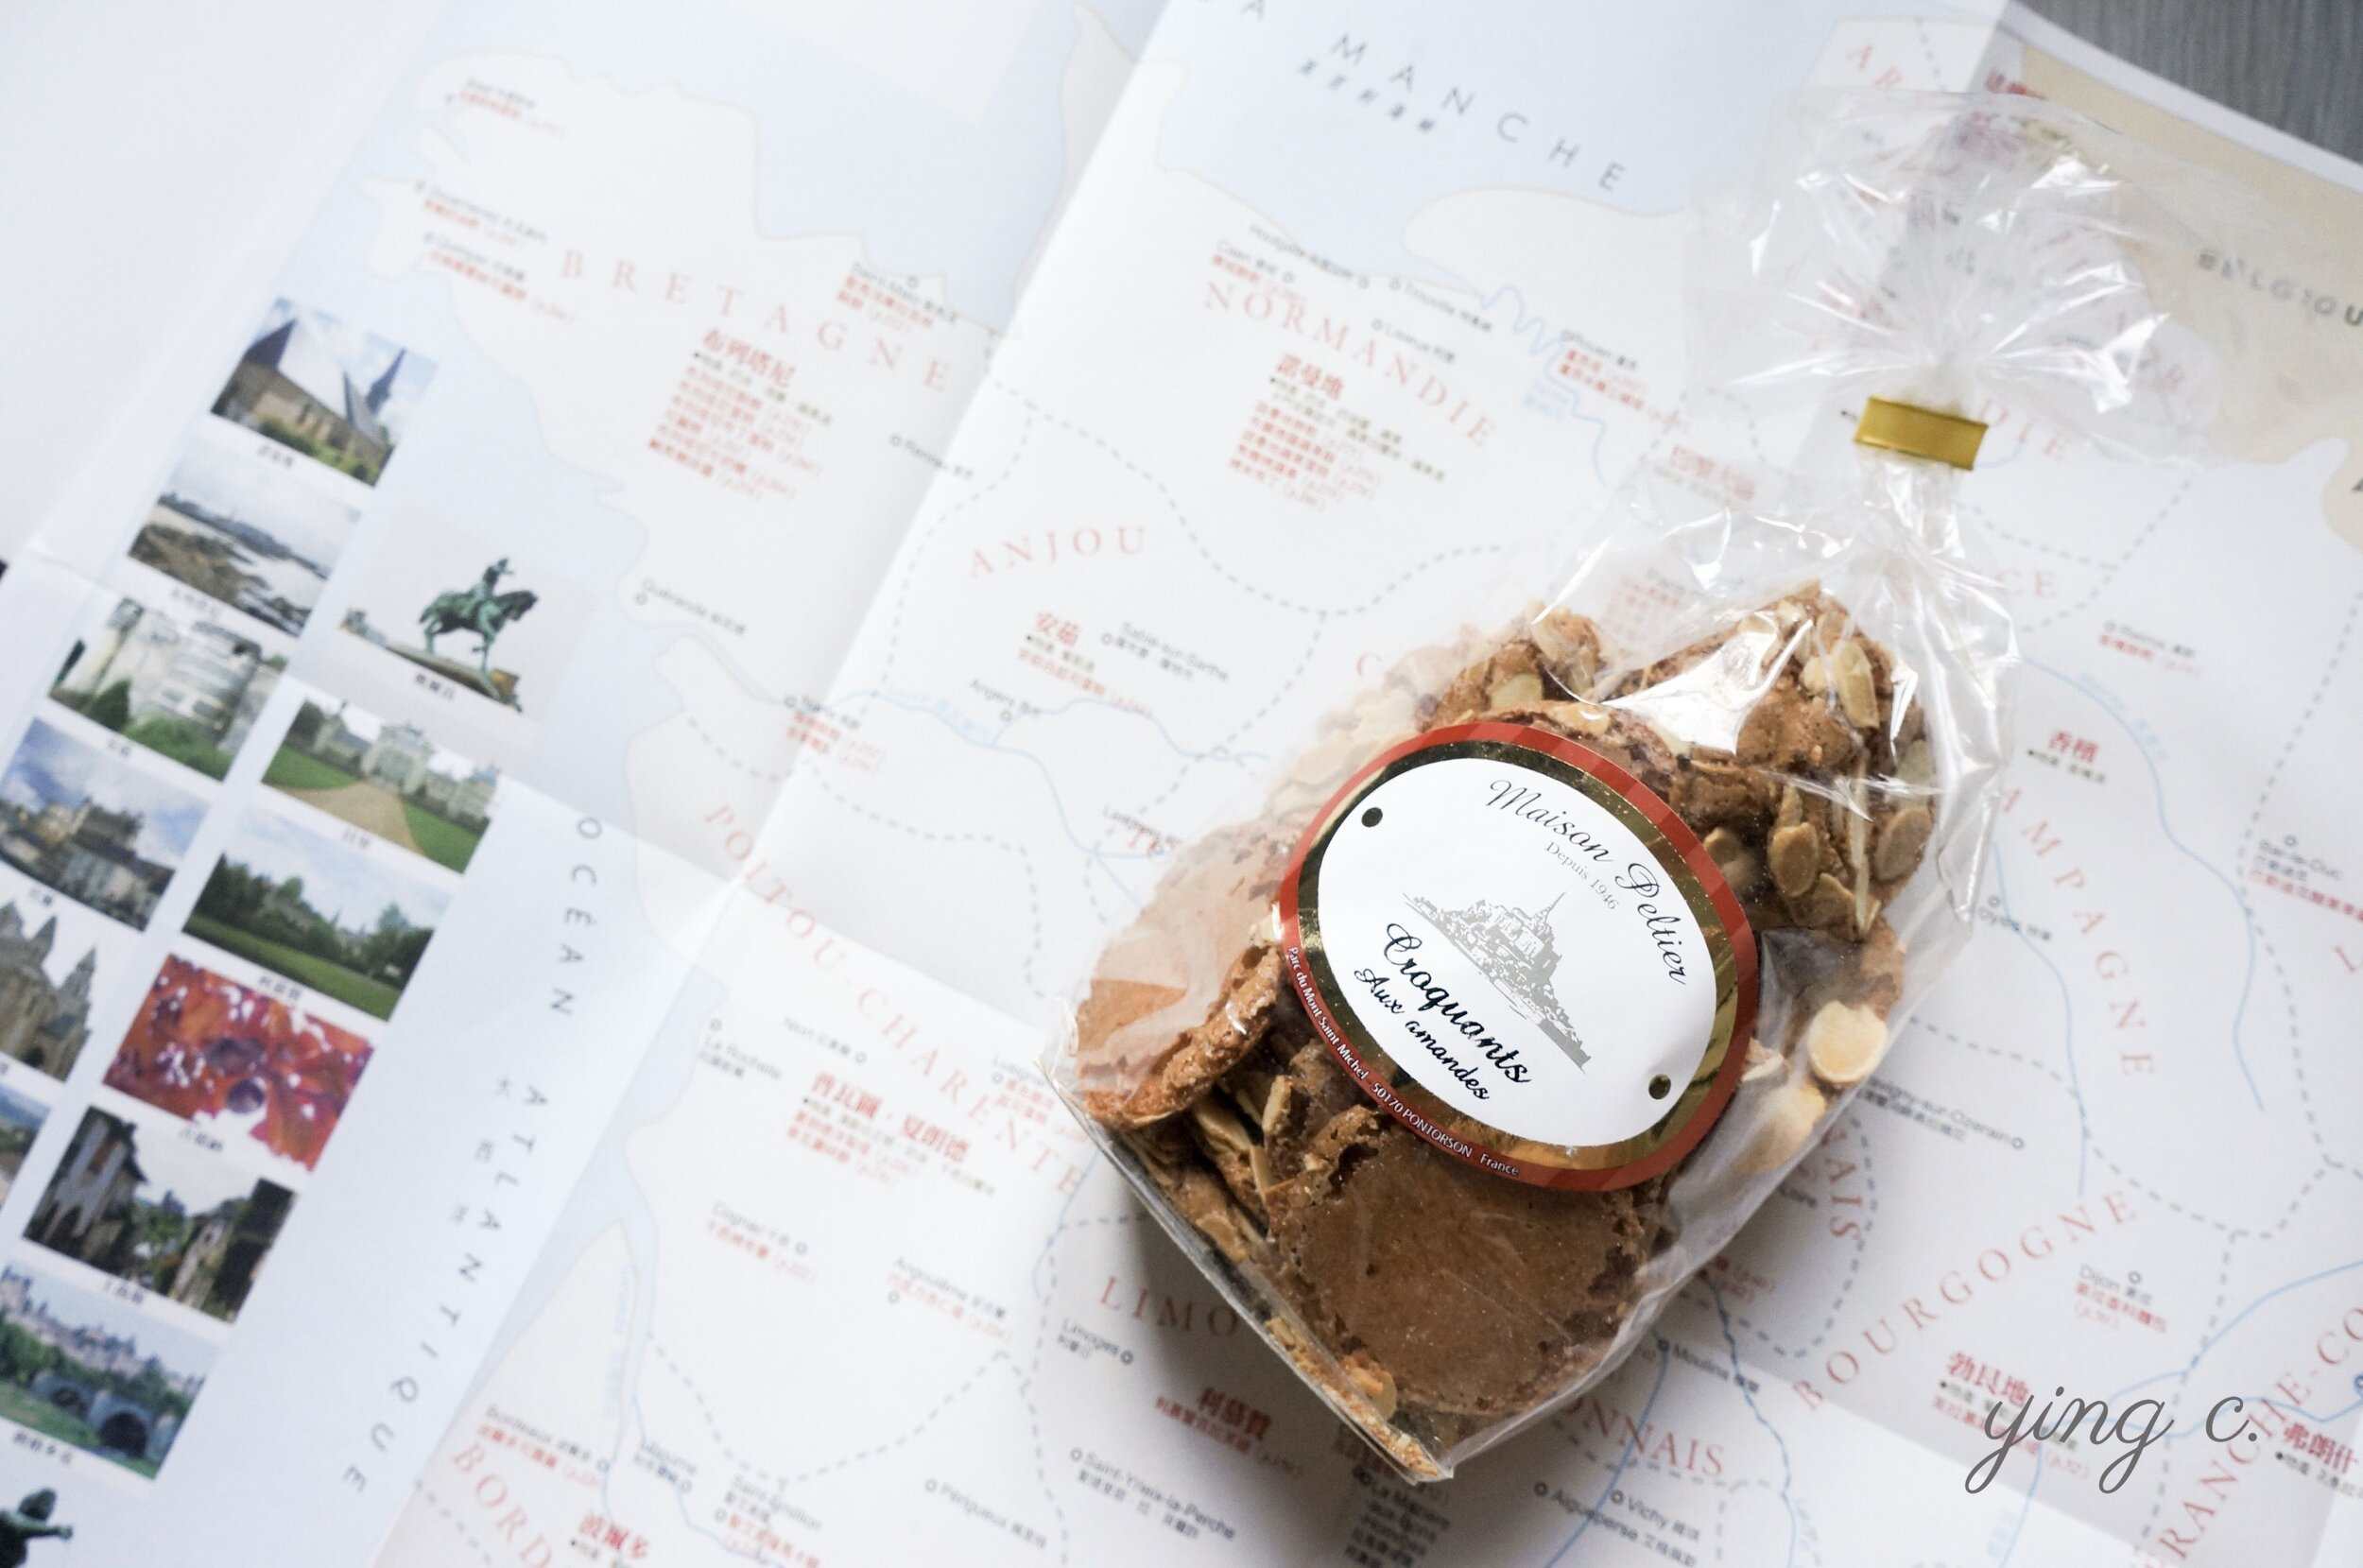 書後附有法國地圖,並分區列出該地鄉土甜點。諾曼地以奶油餅乾和各種蘋果相關甜點出名。照片中是諾曼地聖米歇爾山(Mont Saint-Michel)的特產杏仁酥餅(croquants aux amandes)。